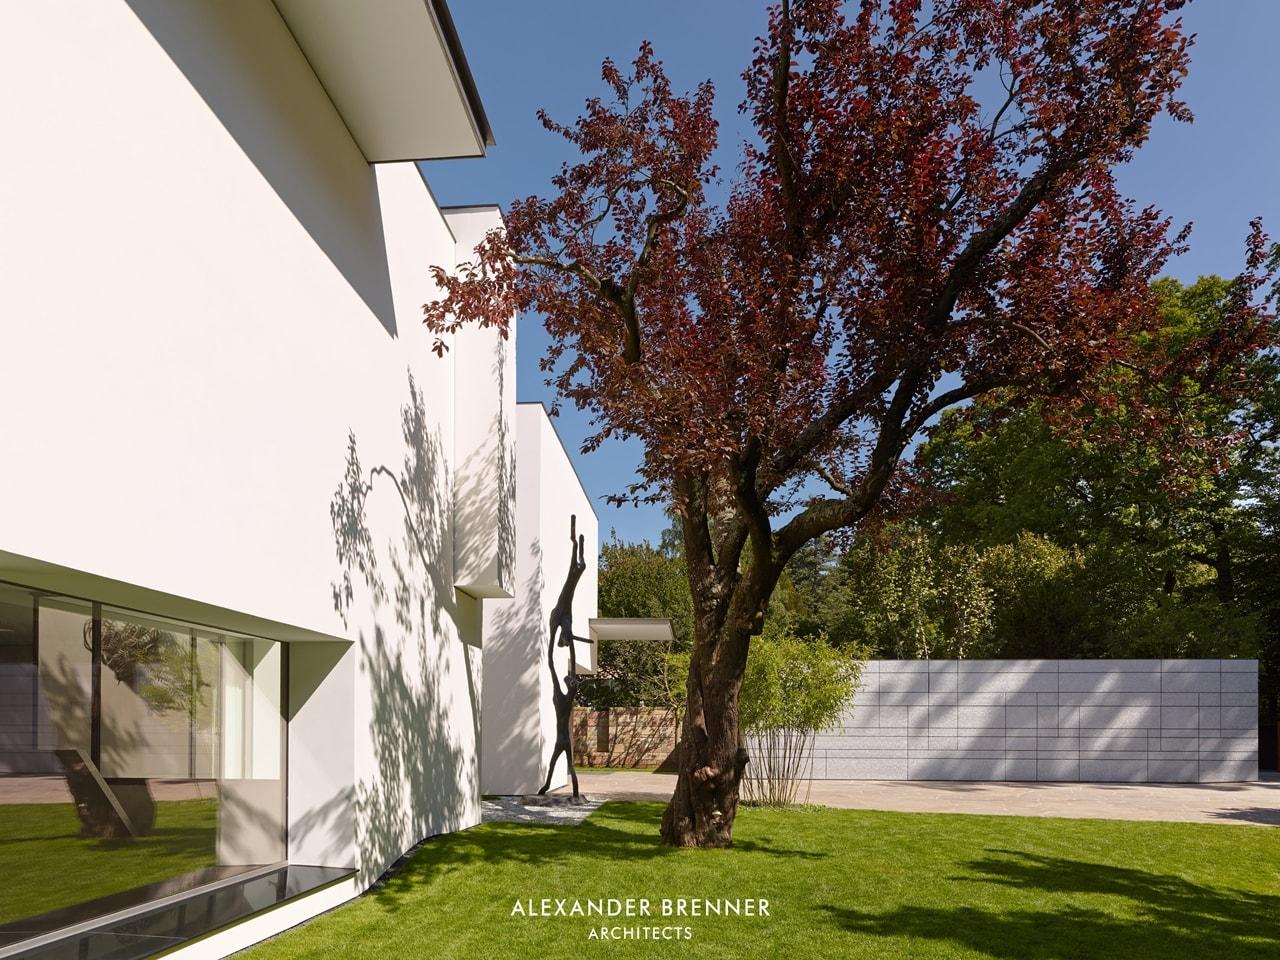 Garden in the modern villa by Alexander Brenner